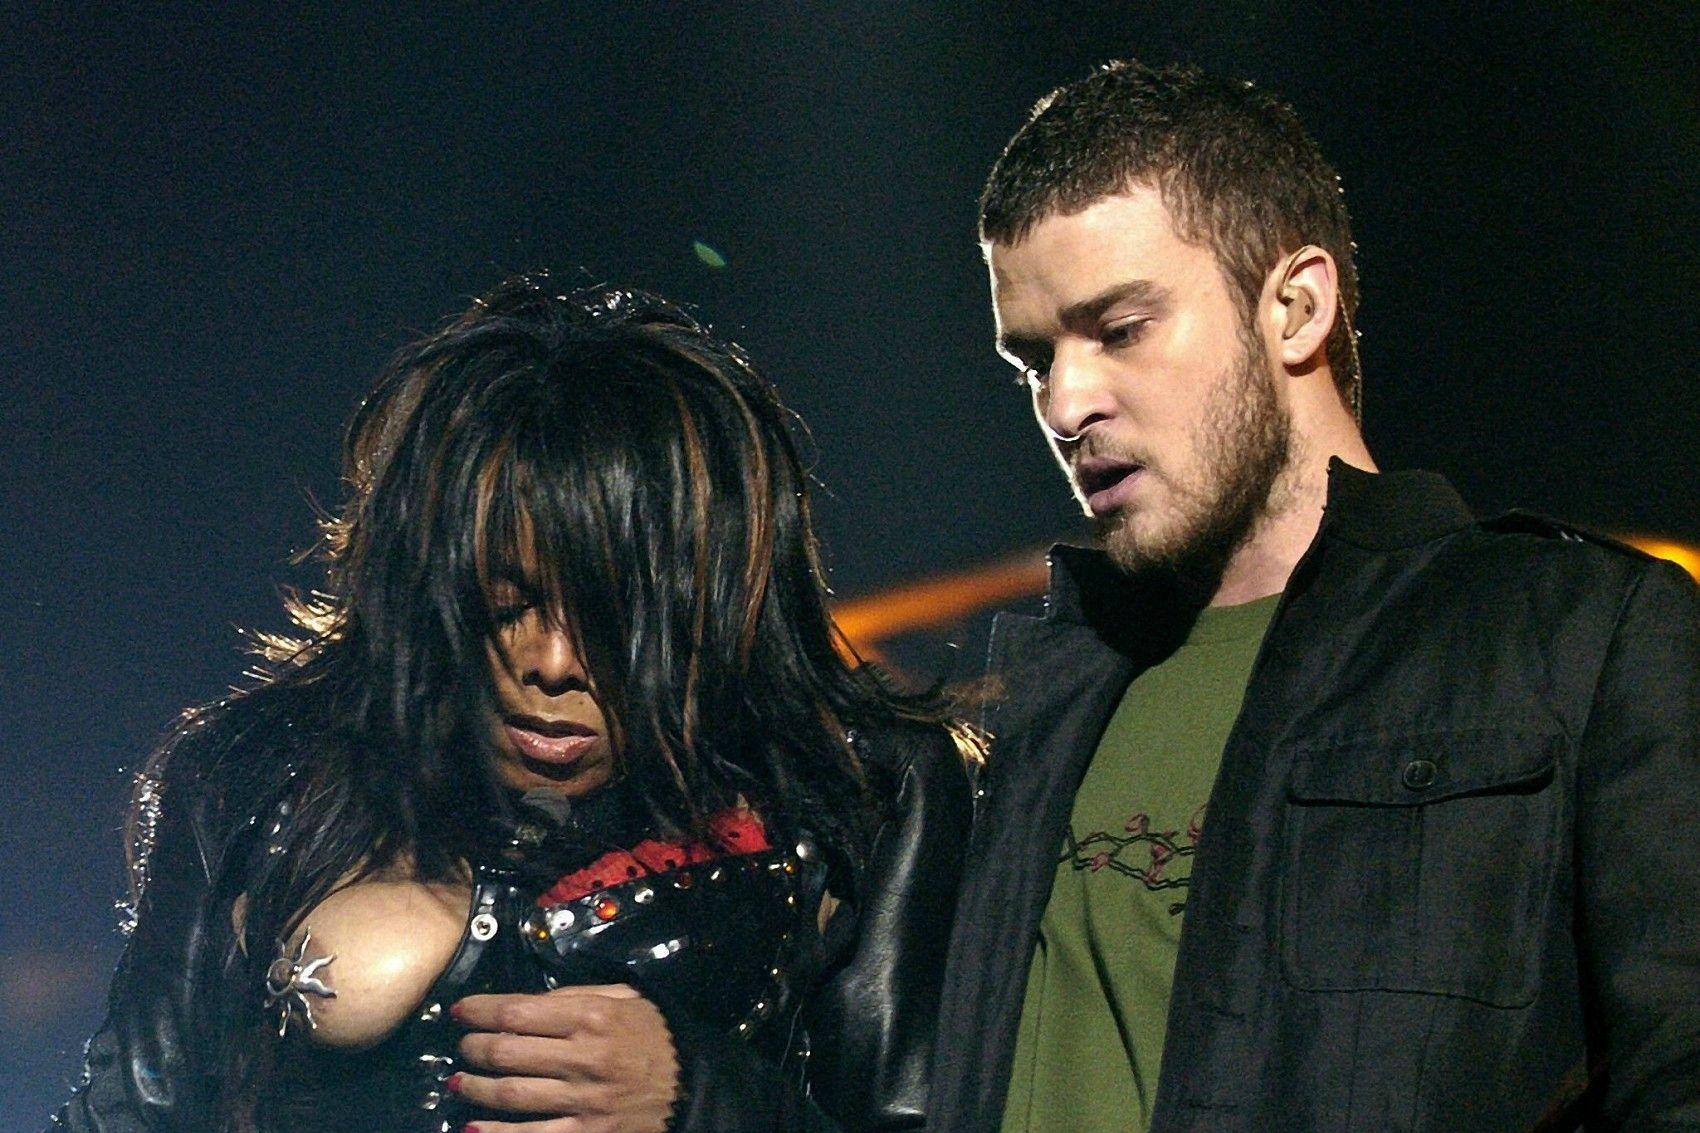 Легендарное выступление Джанет Джексон и Джастина Тимберлейка на Super Bowl XXXVIII